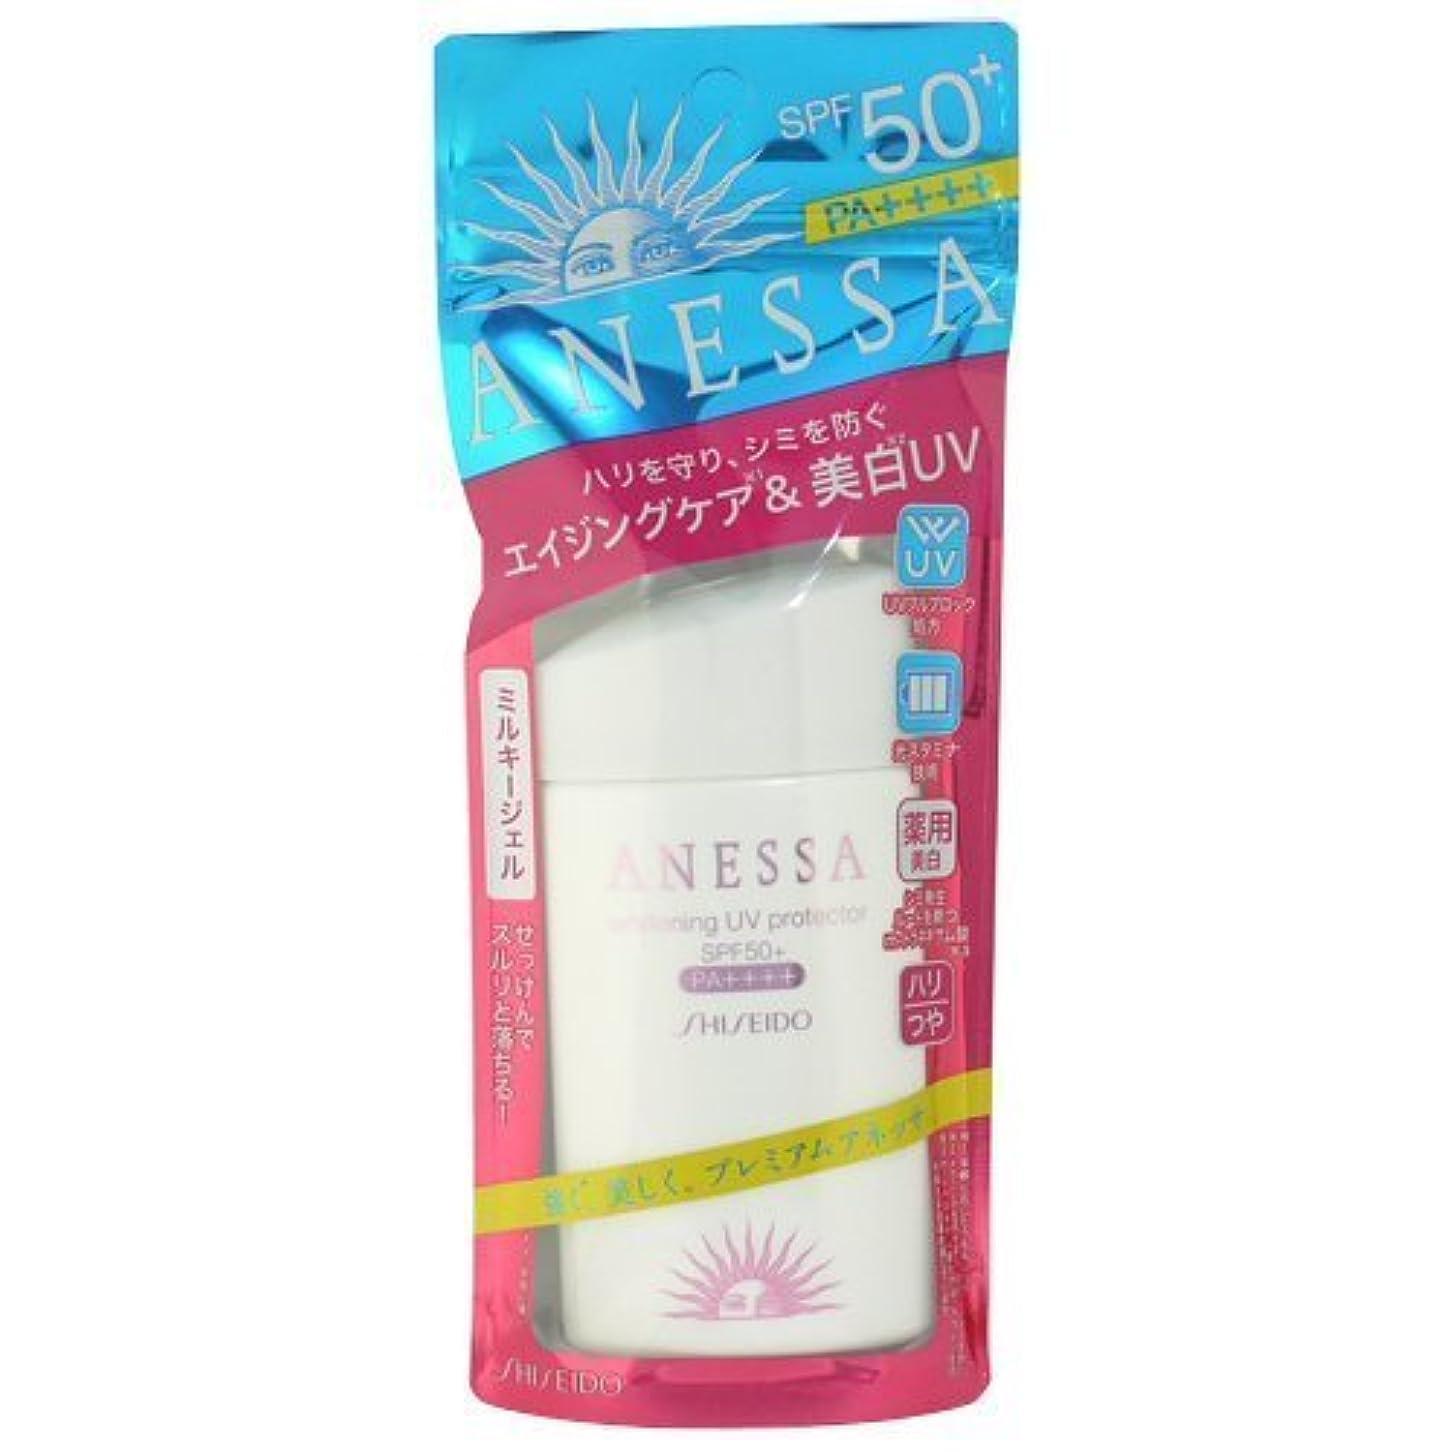 アネッサ 美白UVプロテクターA+ 60ml